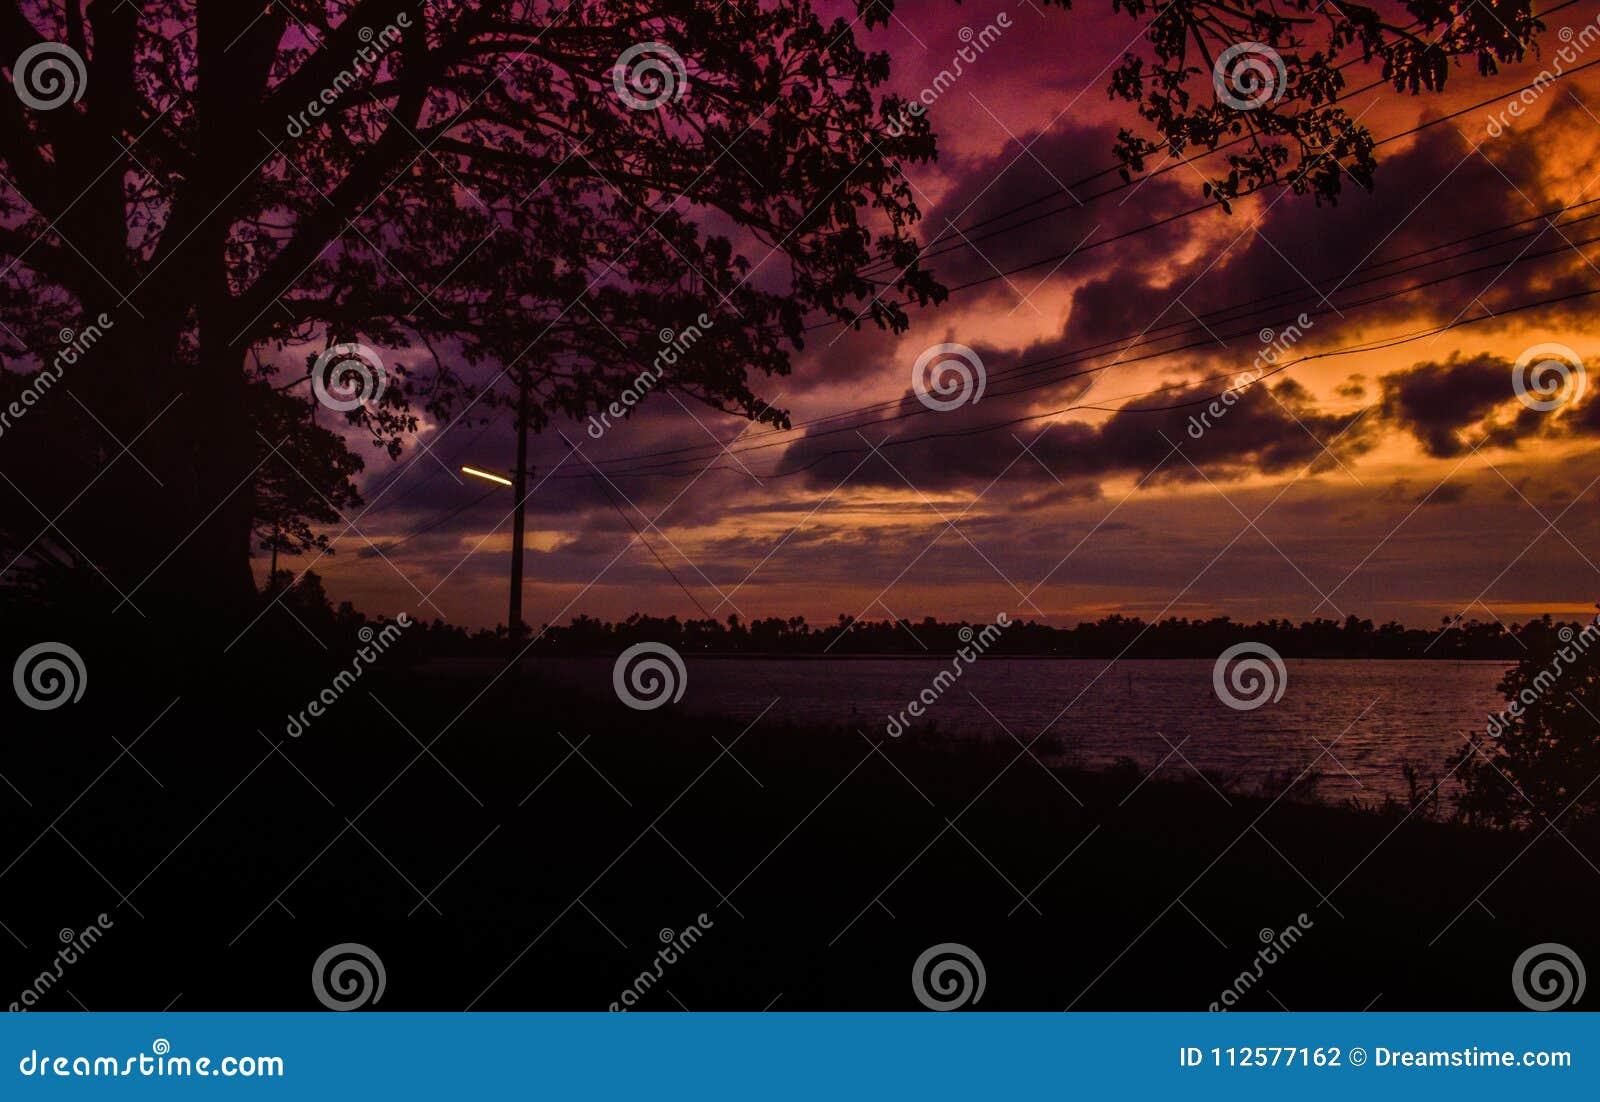 Vista lateral del lago rojizo de la tarde